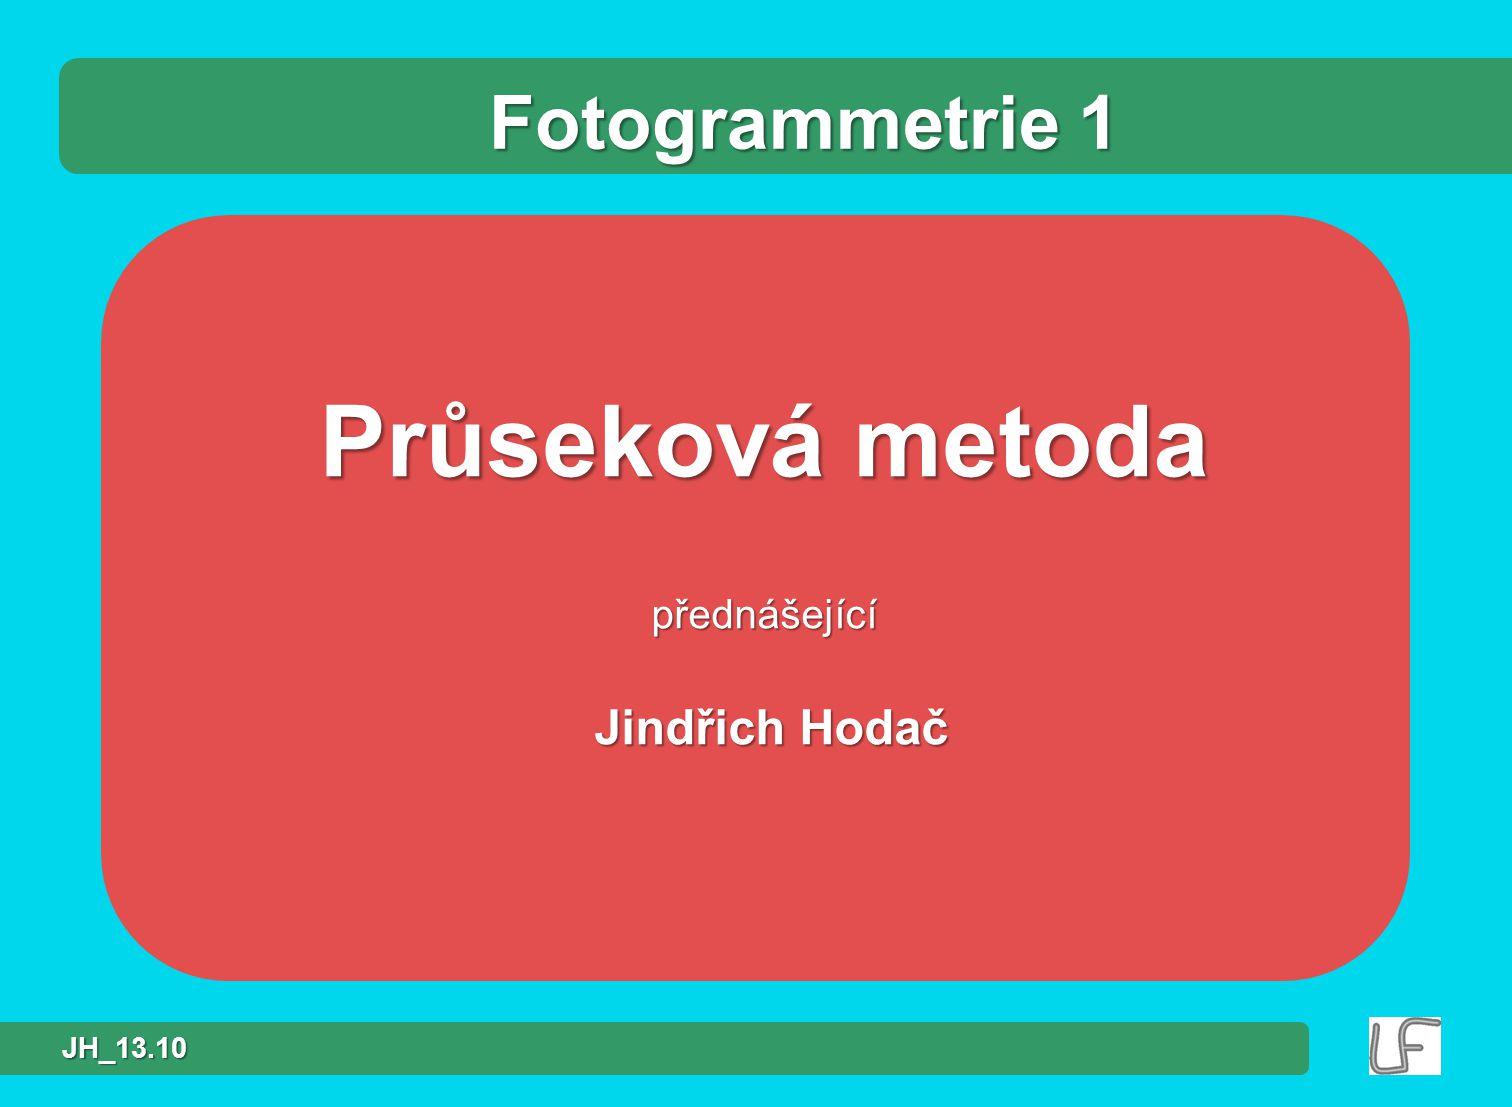 Průseková metoda přednášející Jindřich Hodač Jindřich Hodač Fotogrammetrie 1 JH_13.10